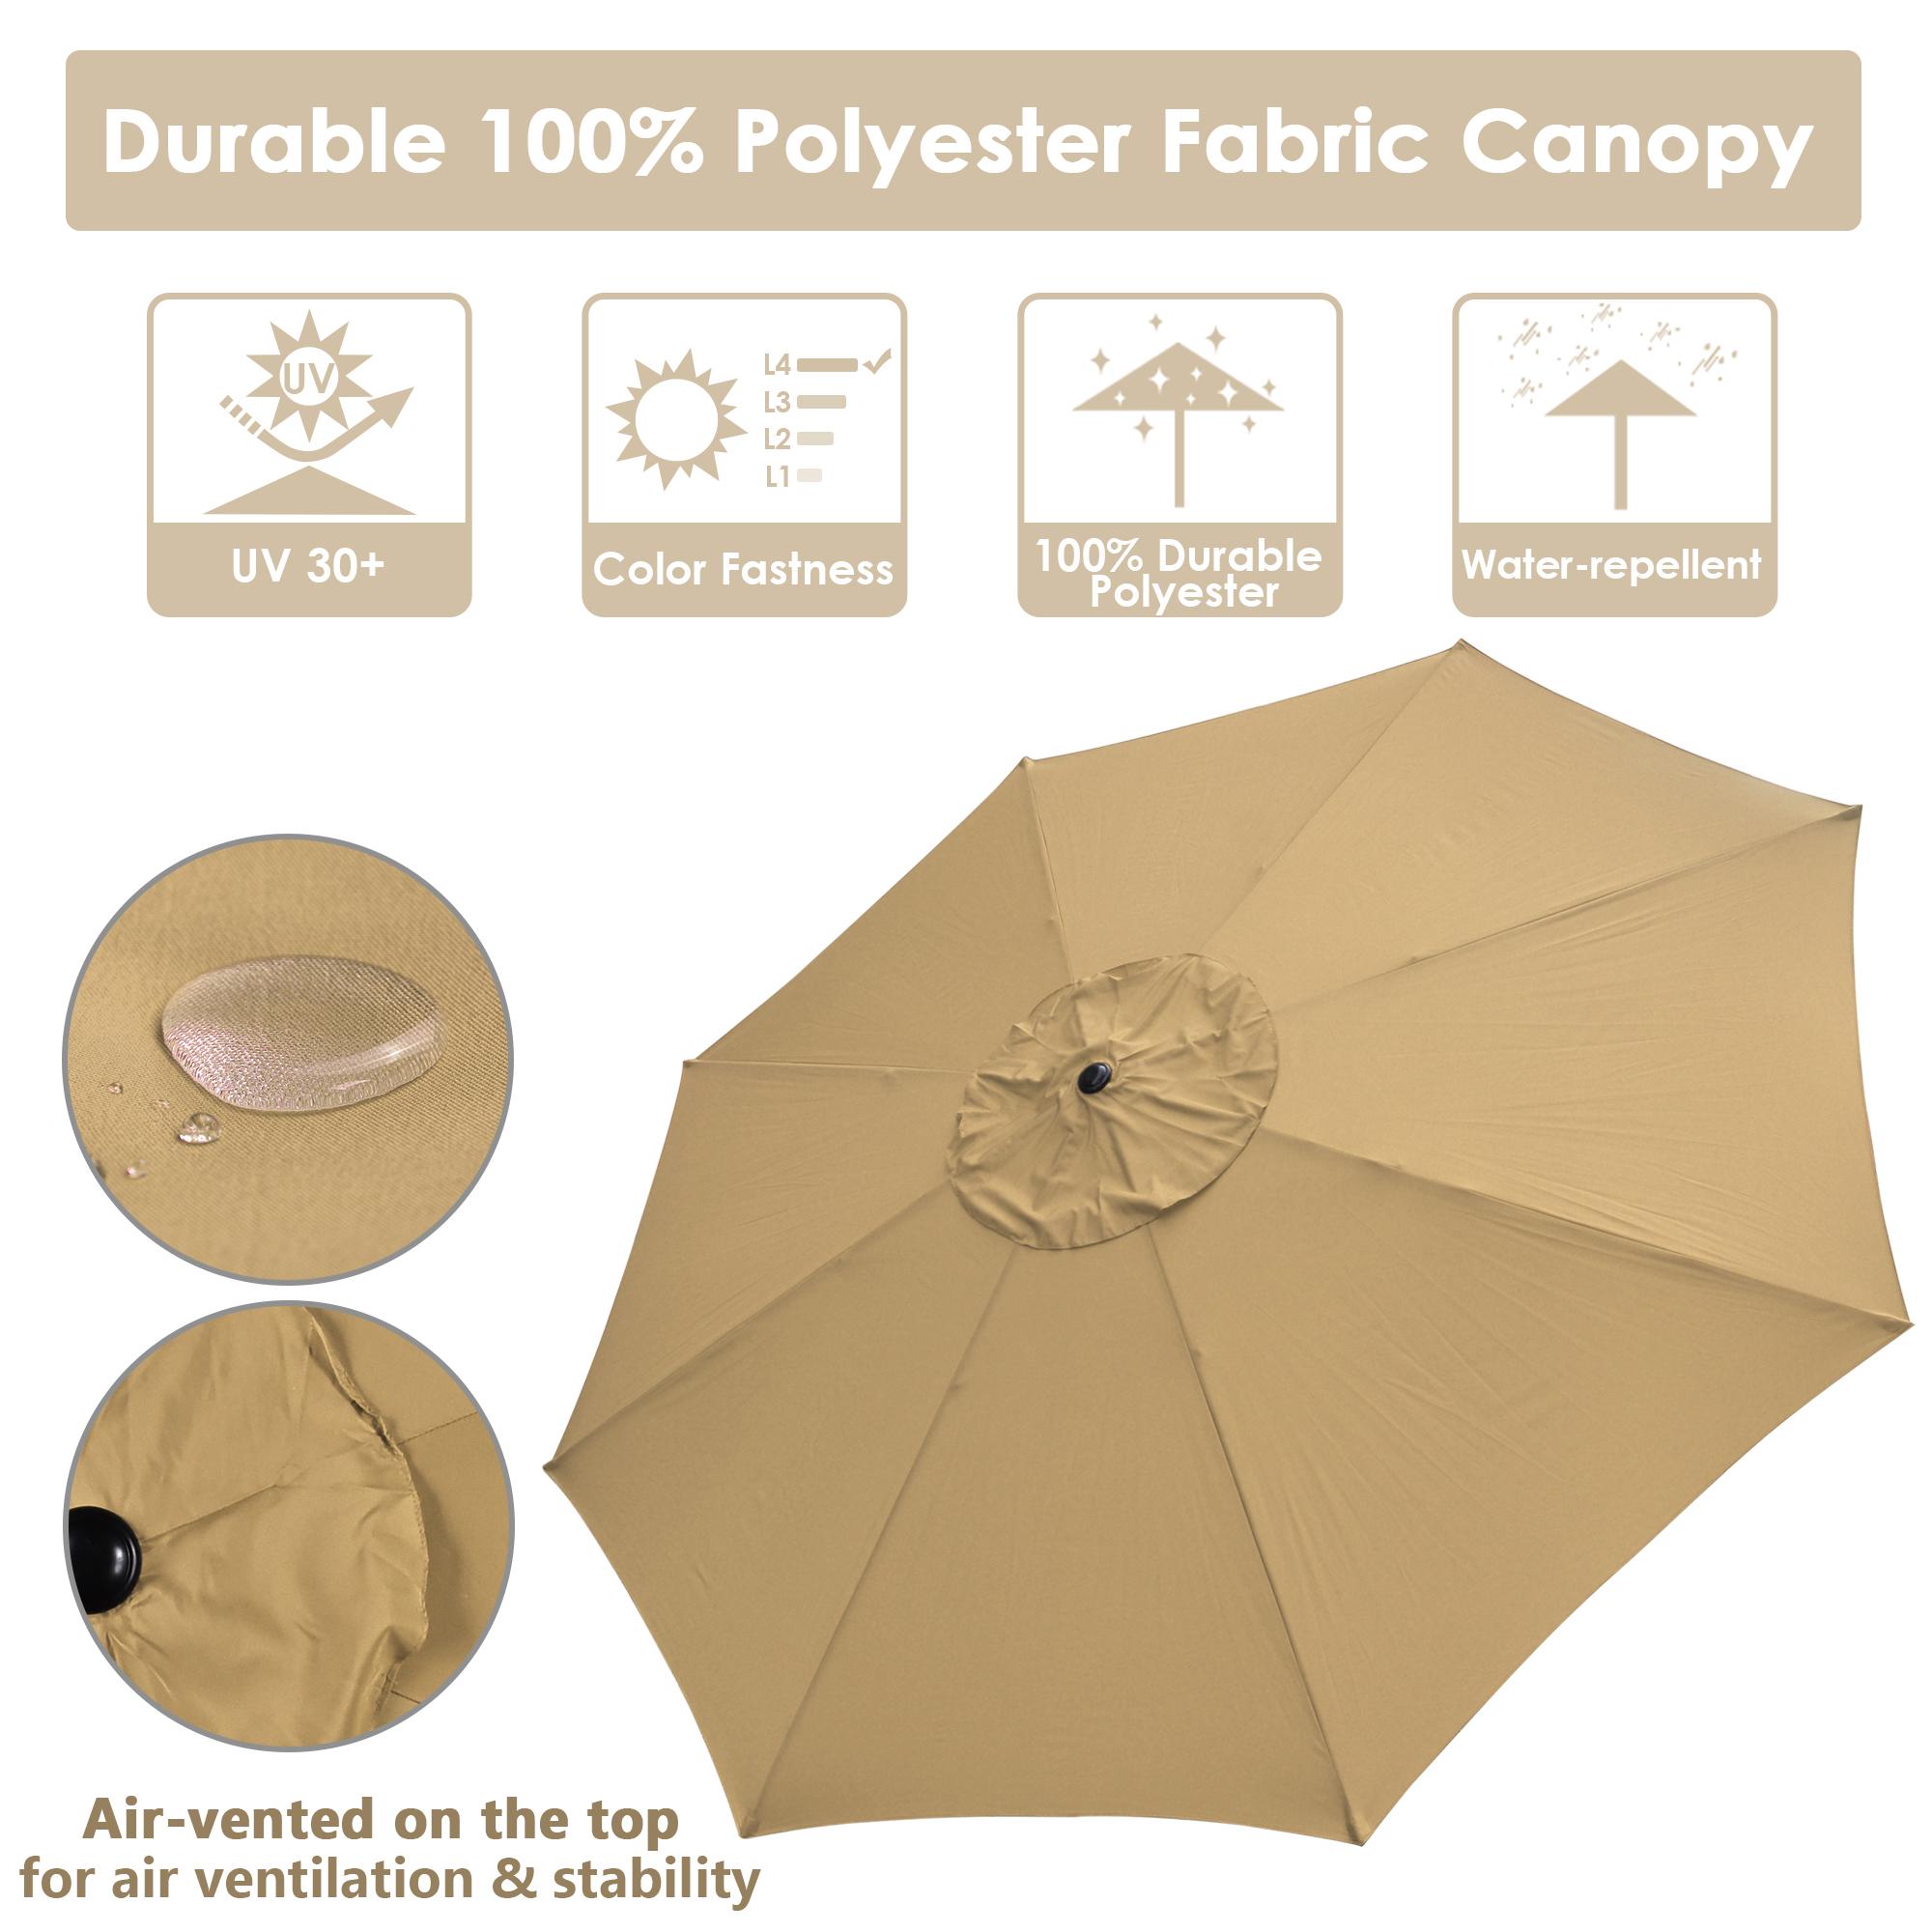 thumbnail 64 - 13' FT Sun Shade Patio Aluminum Umbrella UV30+ Outdoor Market Garden Beach Deck